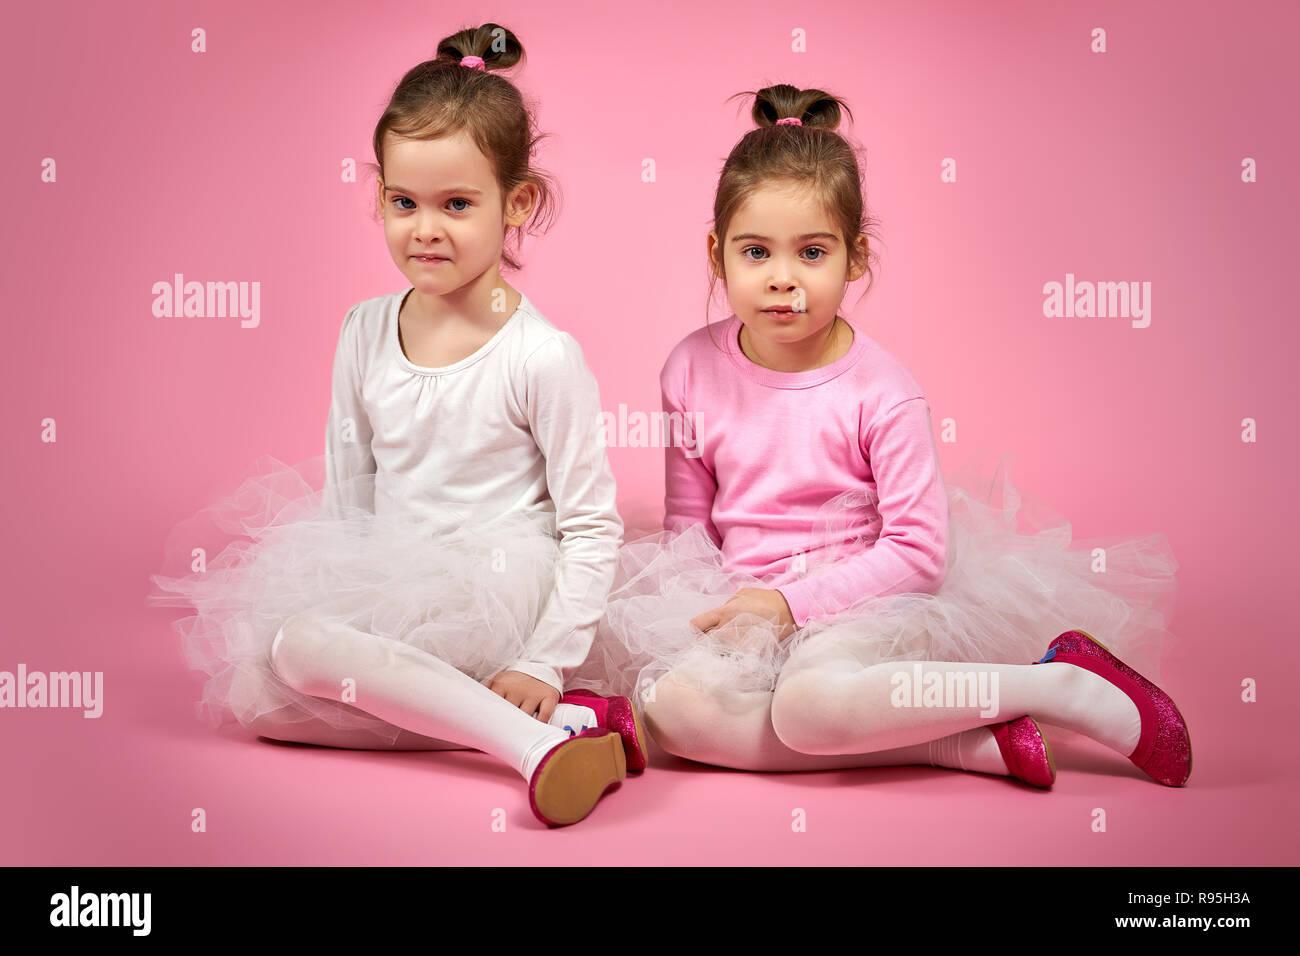 3916b3bf1 Dos lindas niñas en faldas de tul blanco sobre un fondo de color rosa ·  superelaks / Alamy Foto de stock